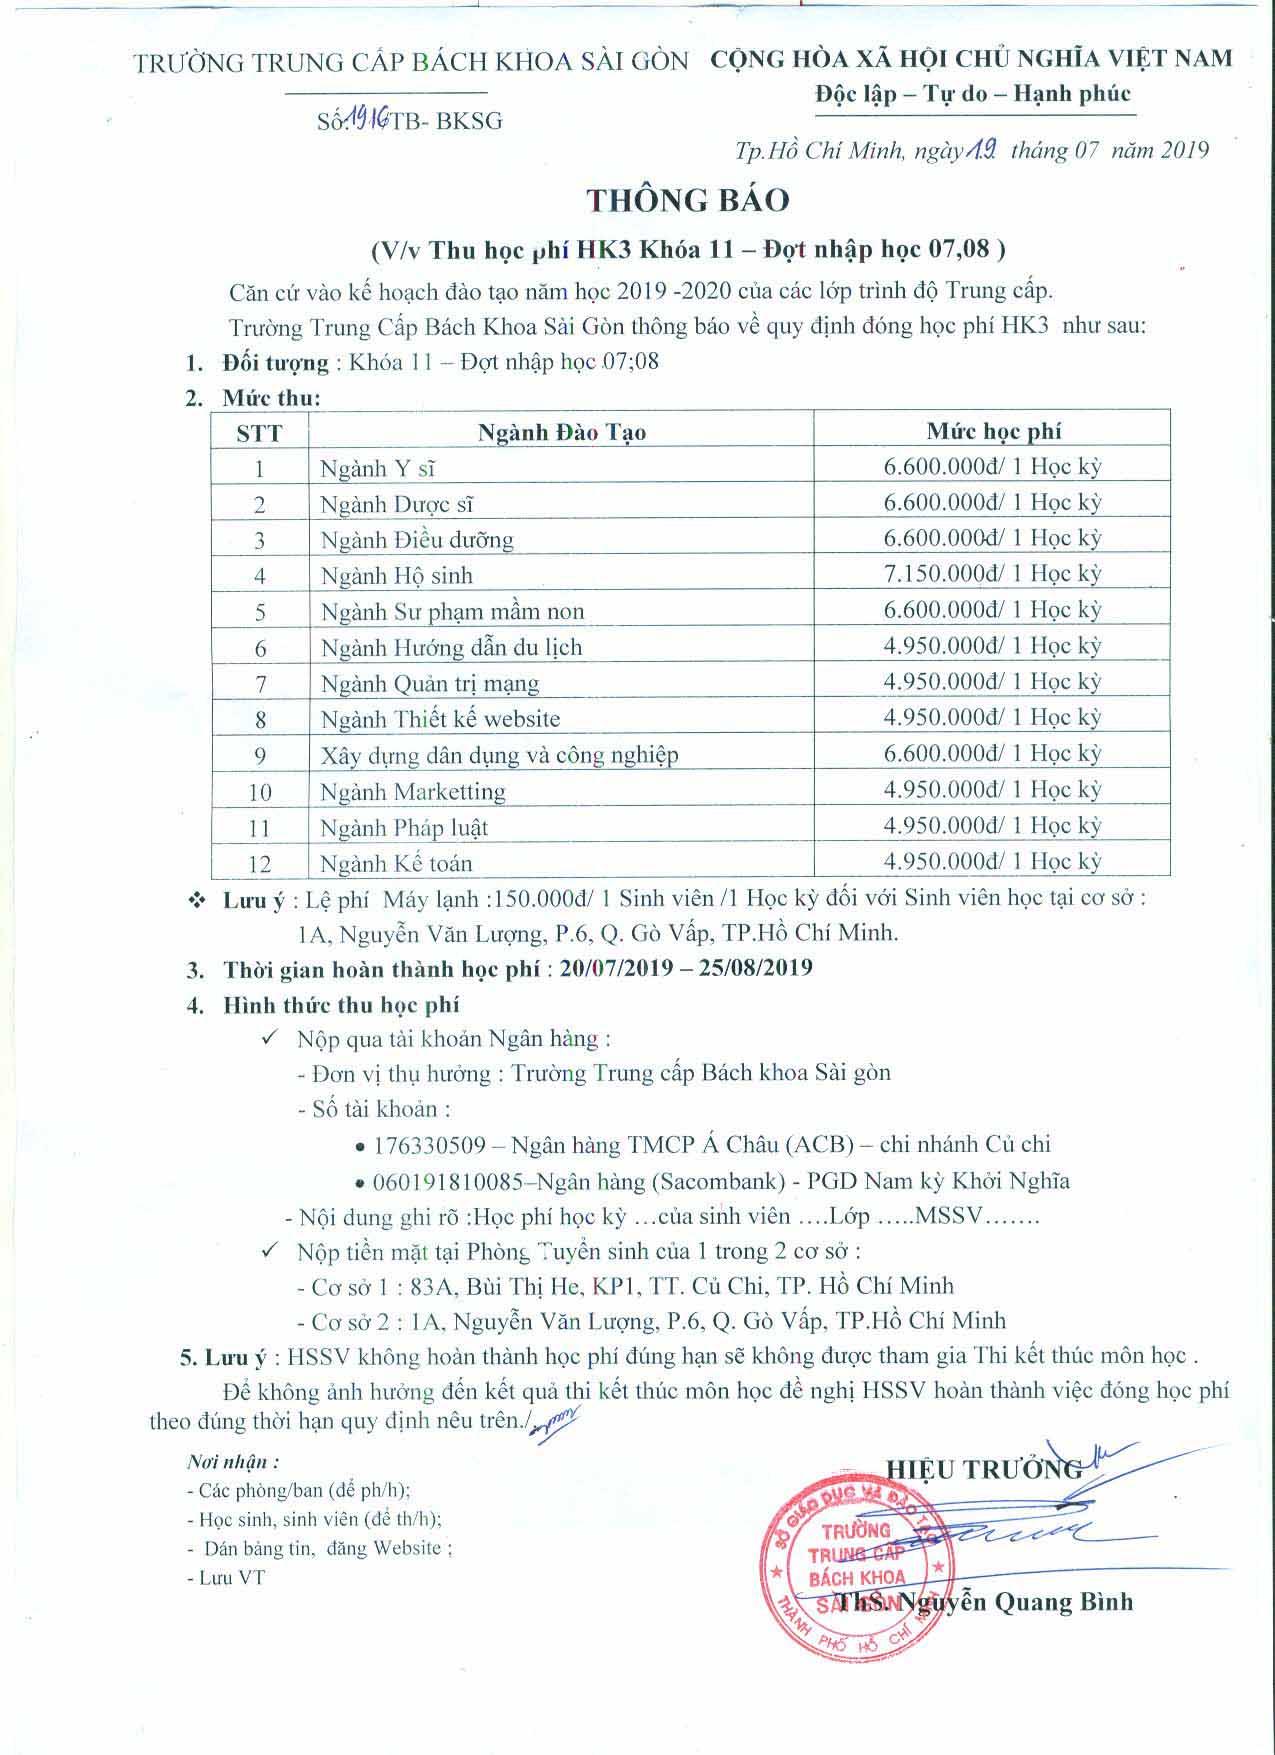 Thông báo học phí HK3 - Khóa 11, đợt 7 & 8